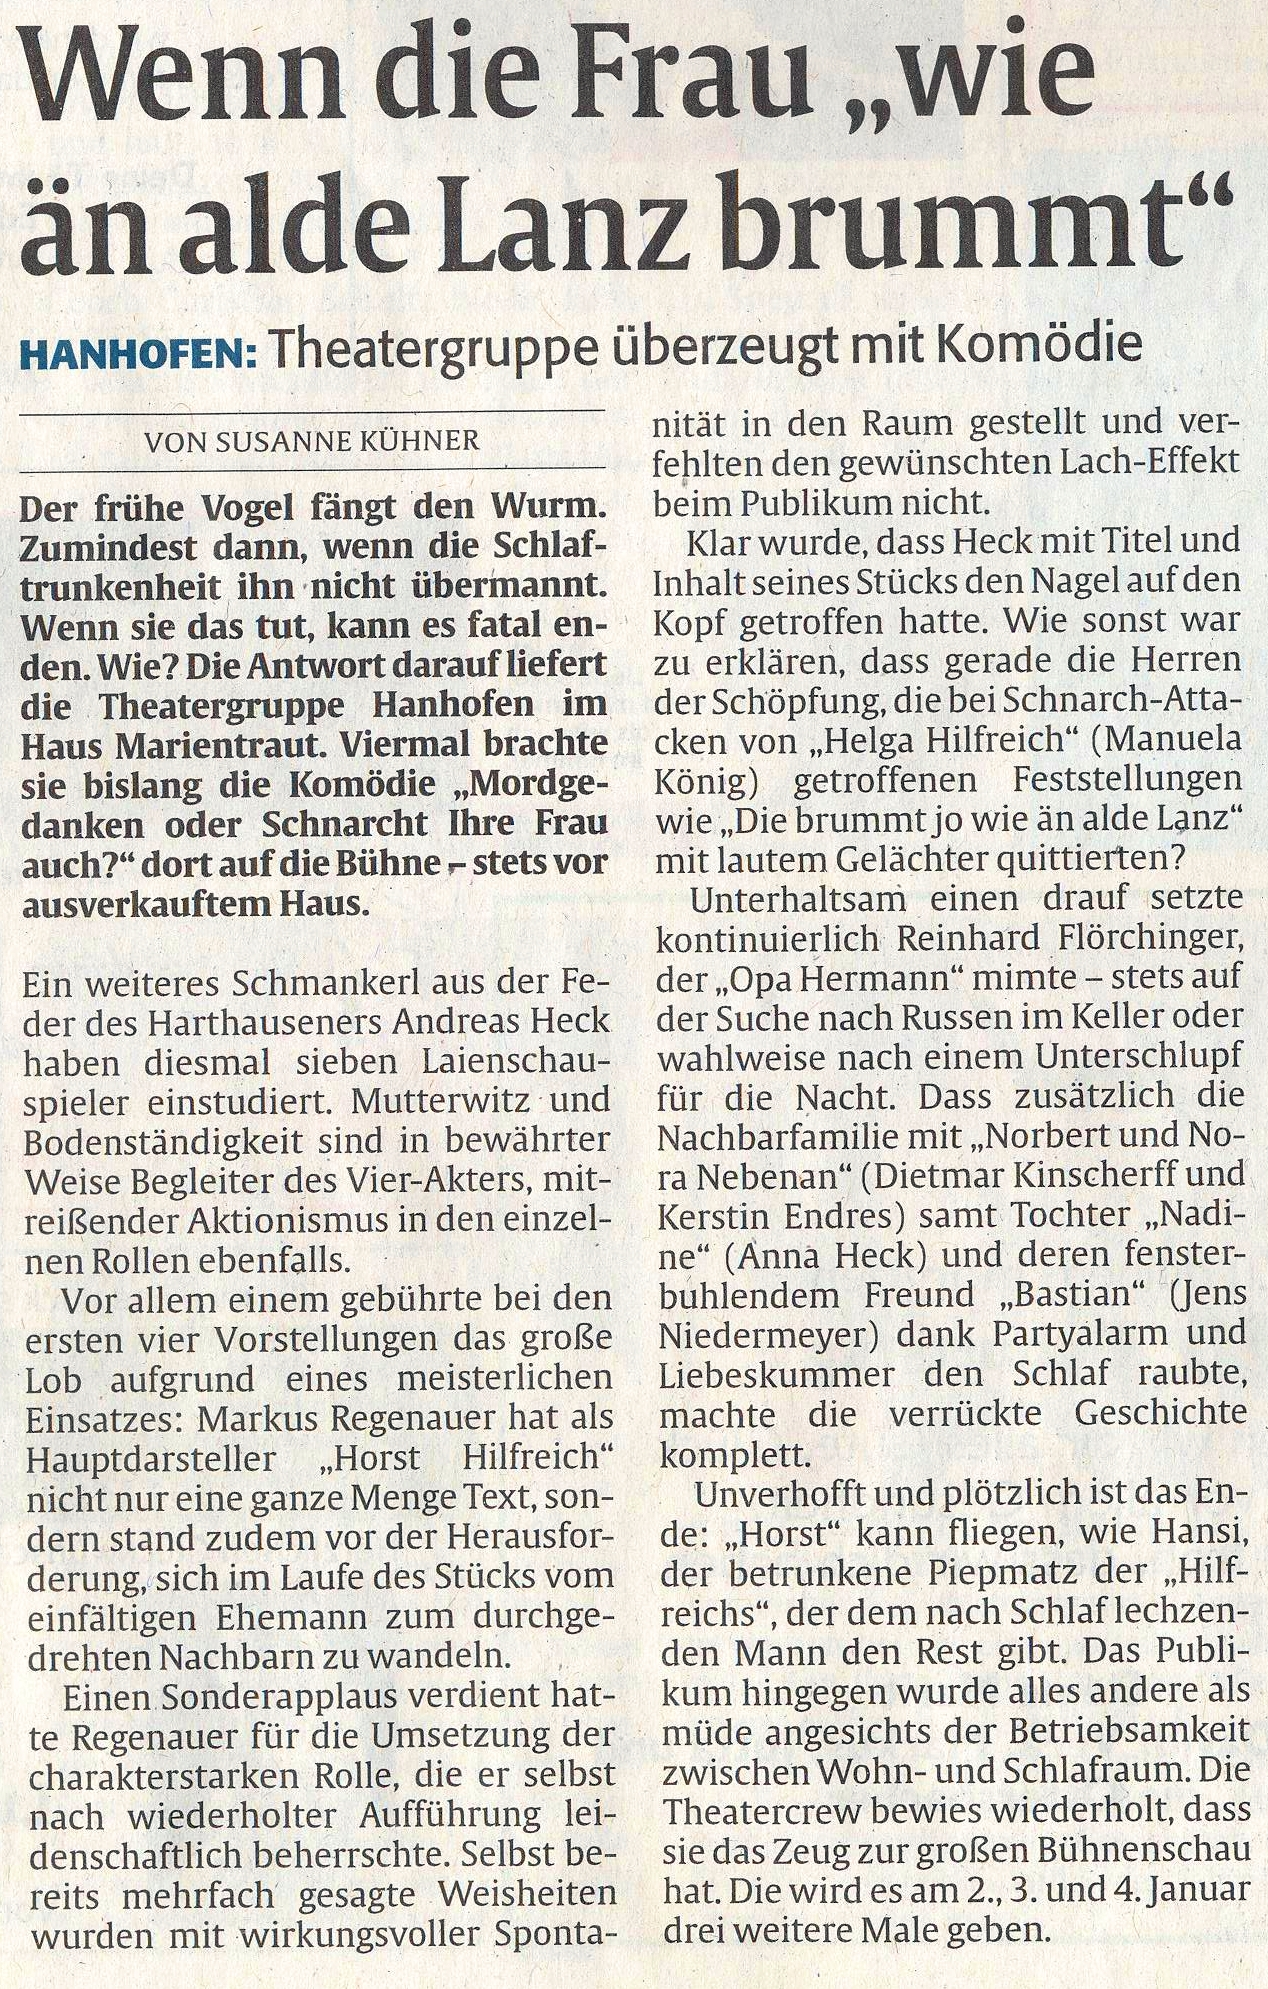 Bericht der Rheinpfalz zu Mordgedanken oder ... bei der TGH